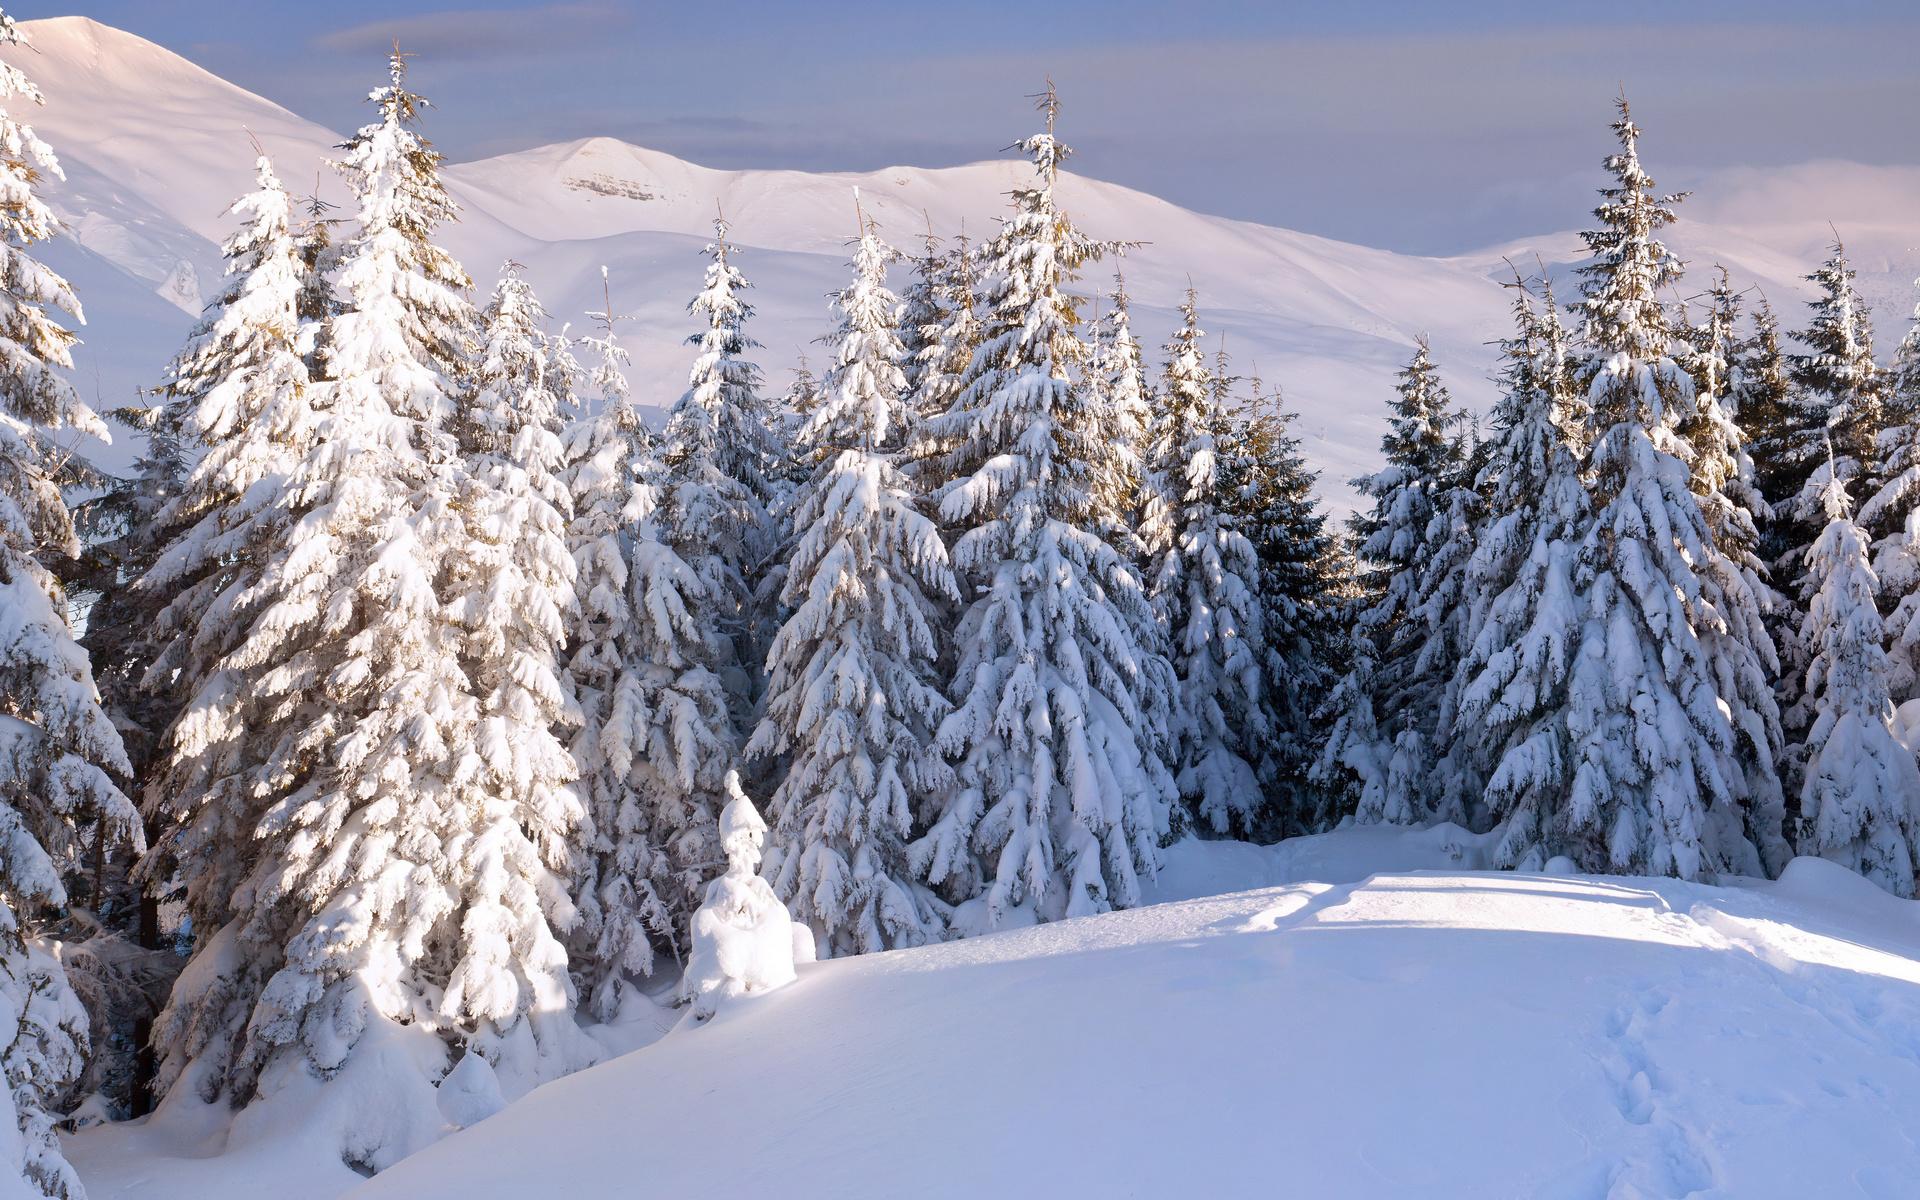 природа, пейзаж, горы, зима, снег, деревья, ели, лес, следы